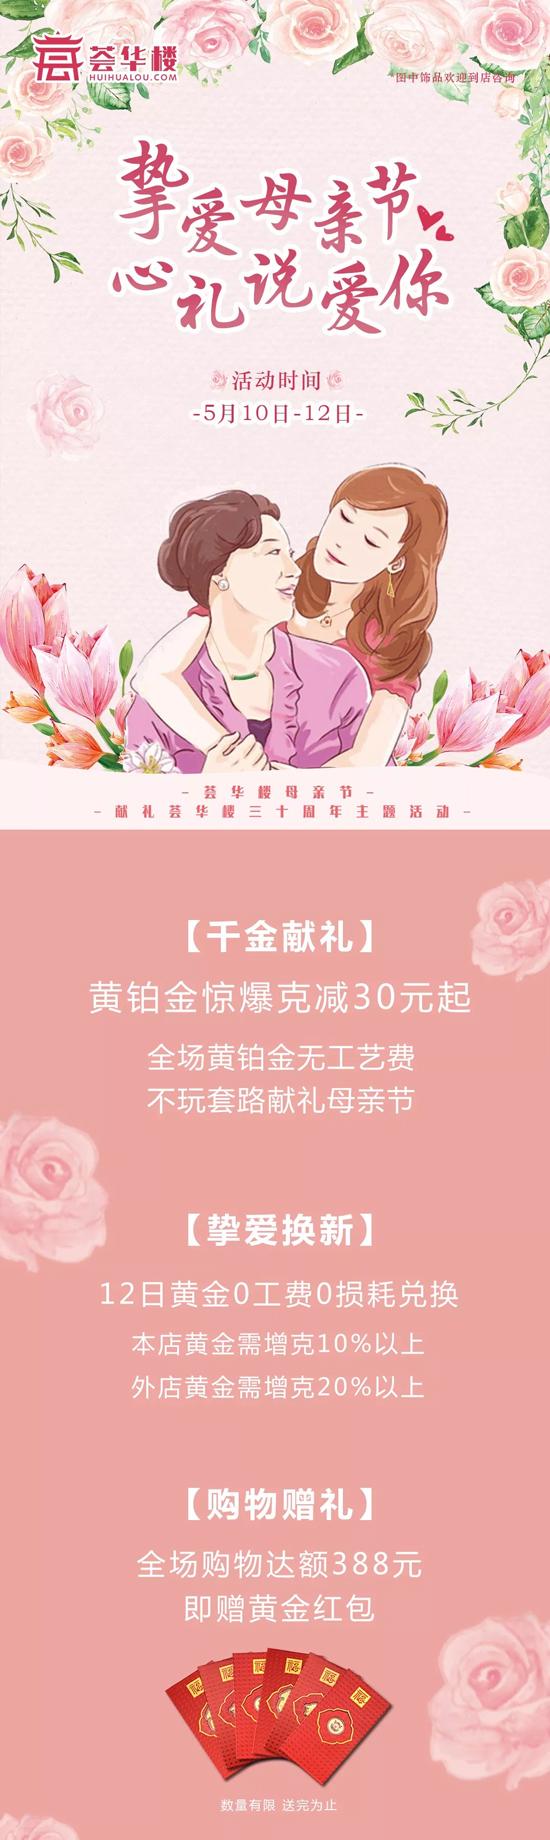 荟华楼珠宝,母亲节